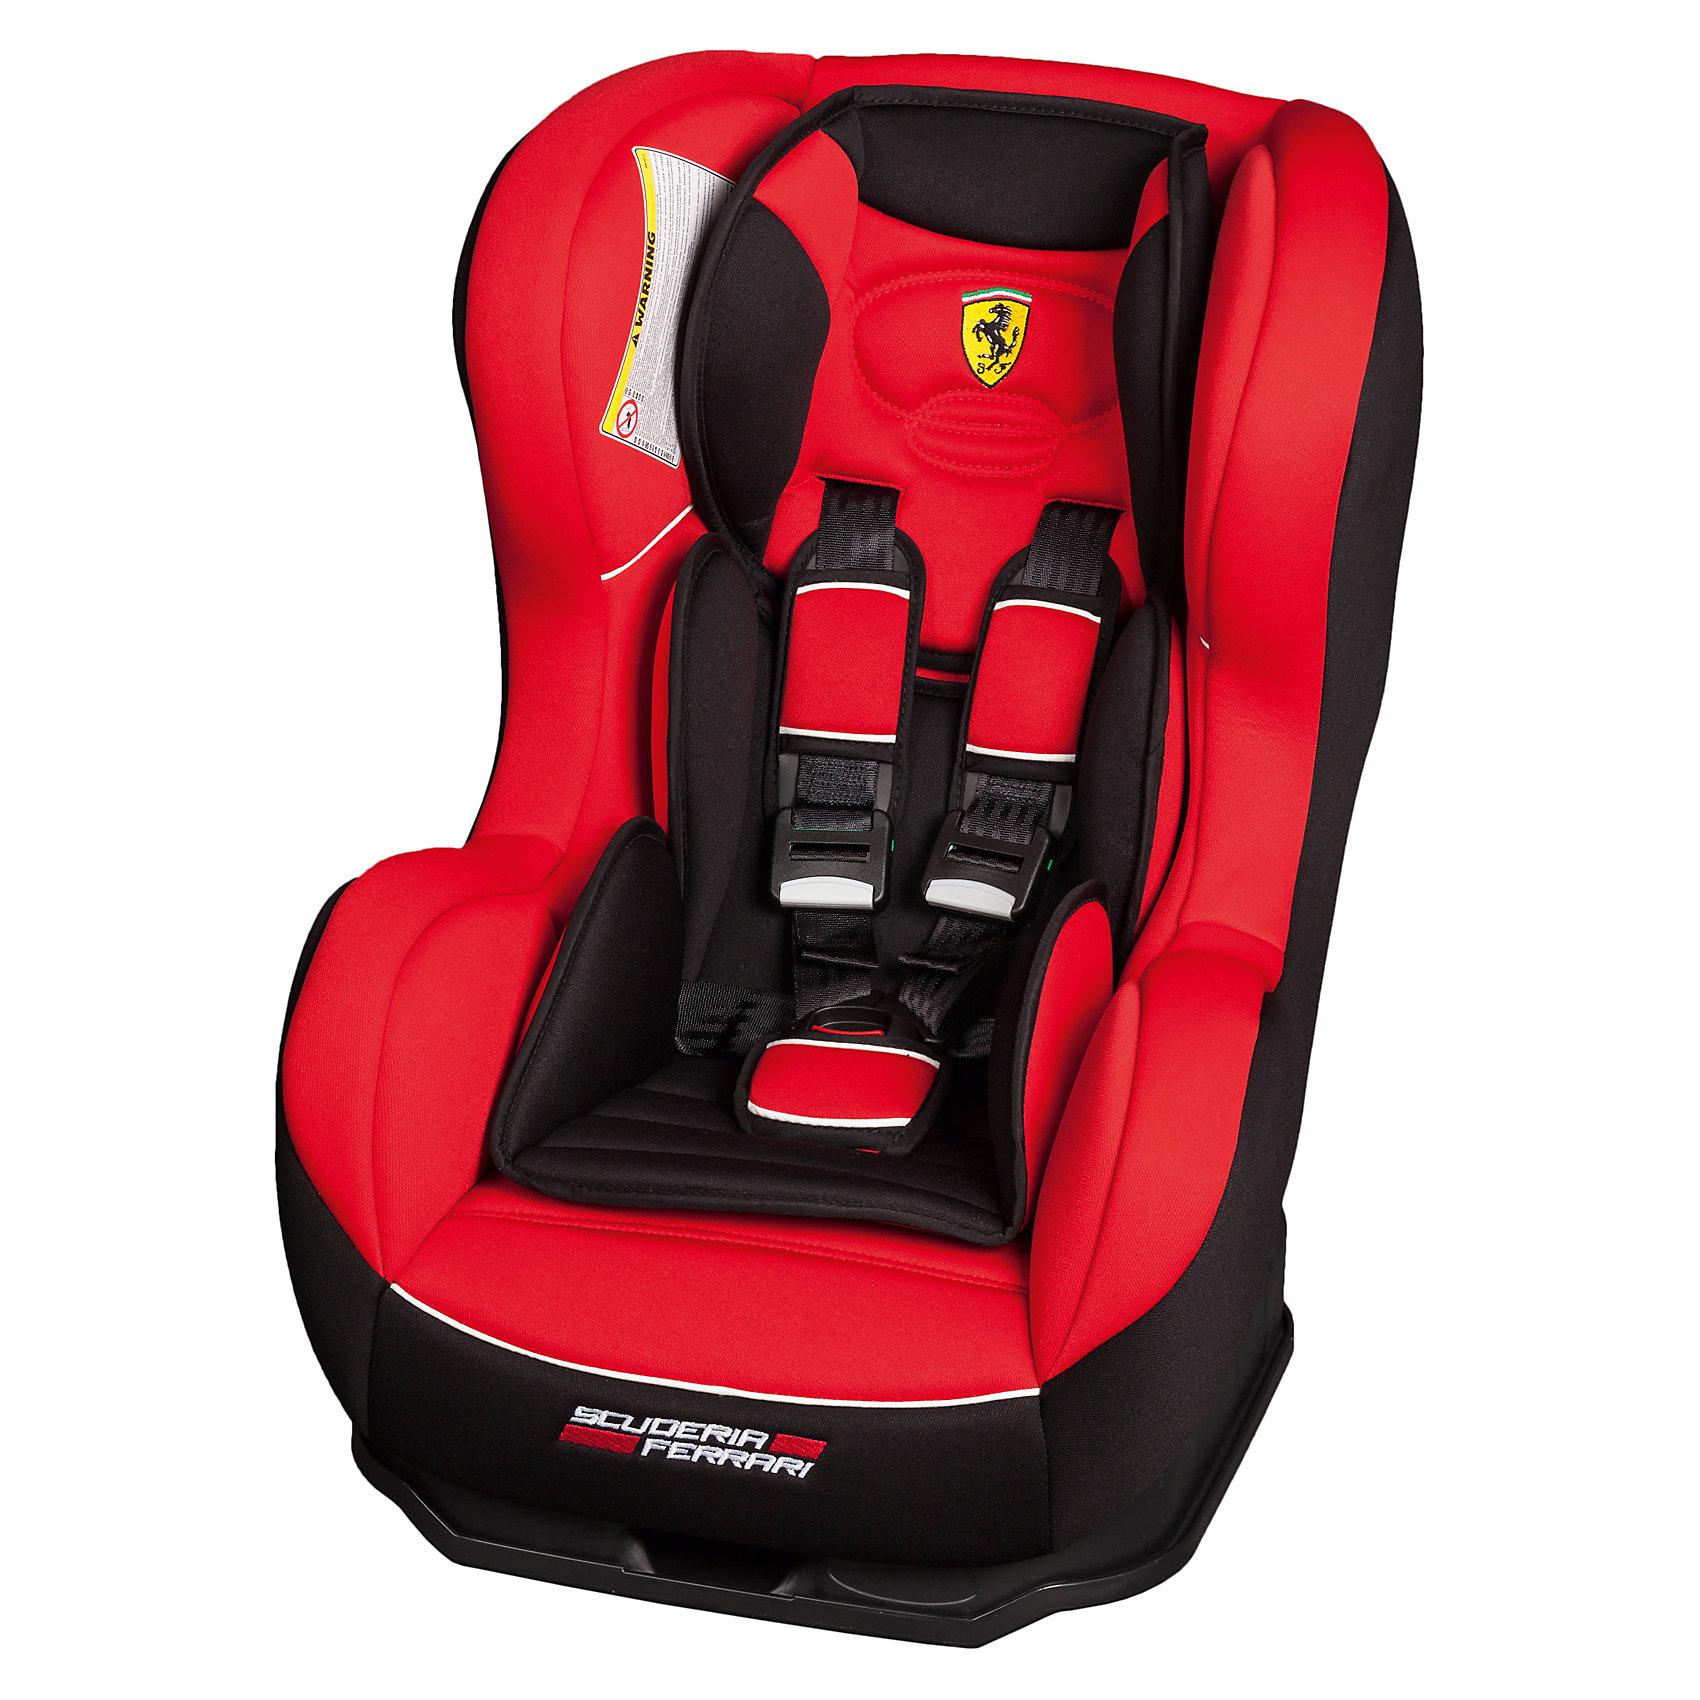 Автокресло Nania Cosmo SP ISOFIX, 0-18кг, corsa ferrariГруппа 0+, 1 (До 18 кг)<br>Характеристики:<br><br>• группа: 0/1;<br>• вес ребенка: до 18 кг;<br>• возраст ребенка: от рождения до 4-х лет;<br>• способ установки: до 9 кг – против хода движения, 9-18 кг – по ходу движения;<br>• способ крепления: Isofix;<br>• сиденье помещено на специальную платформу;<br>• наличие мягкого анатомического вкладыша с подголовником;<br>• регулируемый угол наклона спинки: 5 положений включая положение «полулежа»;<br>• 5-ти точечные ремни безопасности оснащены мягкими плечевыми накладками;<br>• усиленная боковая защита SP - Side Protection;<br>• съемные чехлы, стирка при температуре 30 градусов;<br>• материал: пластик, полиэстер;<br>• размеры автокресла: 54х45х61 см;<br>• размер сиденья: 31х31 см;<br>• высота спинки: 55 см;<br>• вес автокресла: 5,7 кг;<br>• стандарт безопасности: ECE R44/04.<br><br>Автокресло Cosmo SP ISOFIX, 0-18кг, Nania, corsa ferrari можно купить в нашем интернет-магазине.<br><br>Ширина мм: 440<br>Глубина мм: 540<br>Высота мм: 640<br>Вес г: 9380<br>Возраст от месяцев: 0<br>Возраст до месяцев: 48<br>Пол: Унисекс<br>Возраст: Детский<br>SKU: 5569325